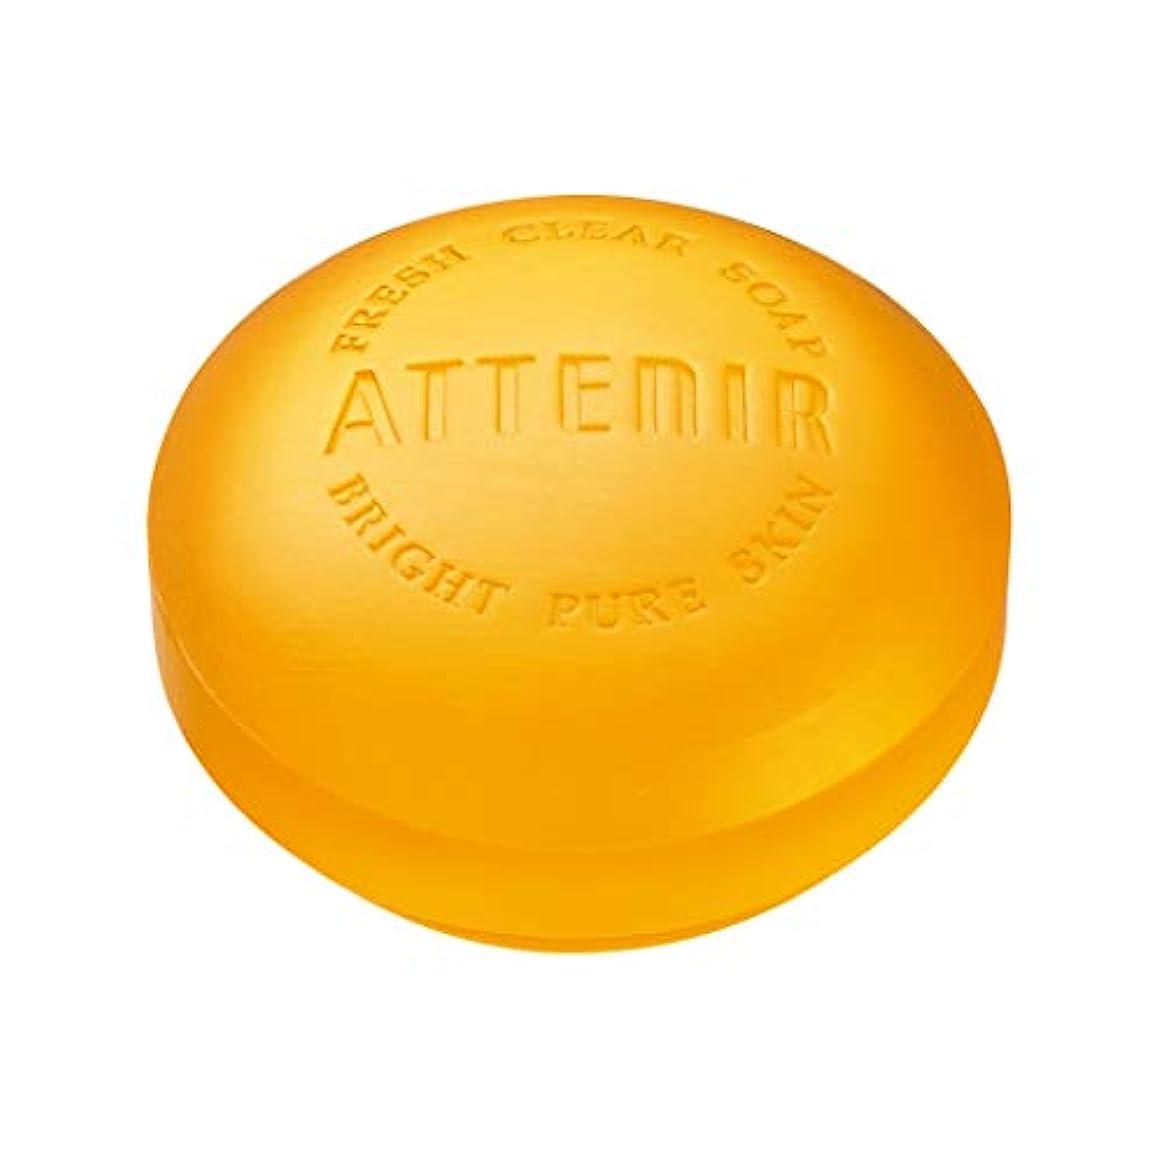 精神医学エクスタシー保守的アテニア フレッシュクリアソープ ホワイト 石鹸 くすみケア 天然オレンジの香り 100g